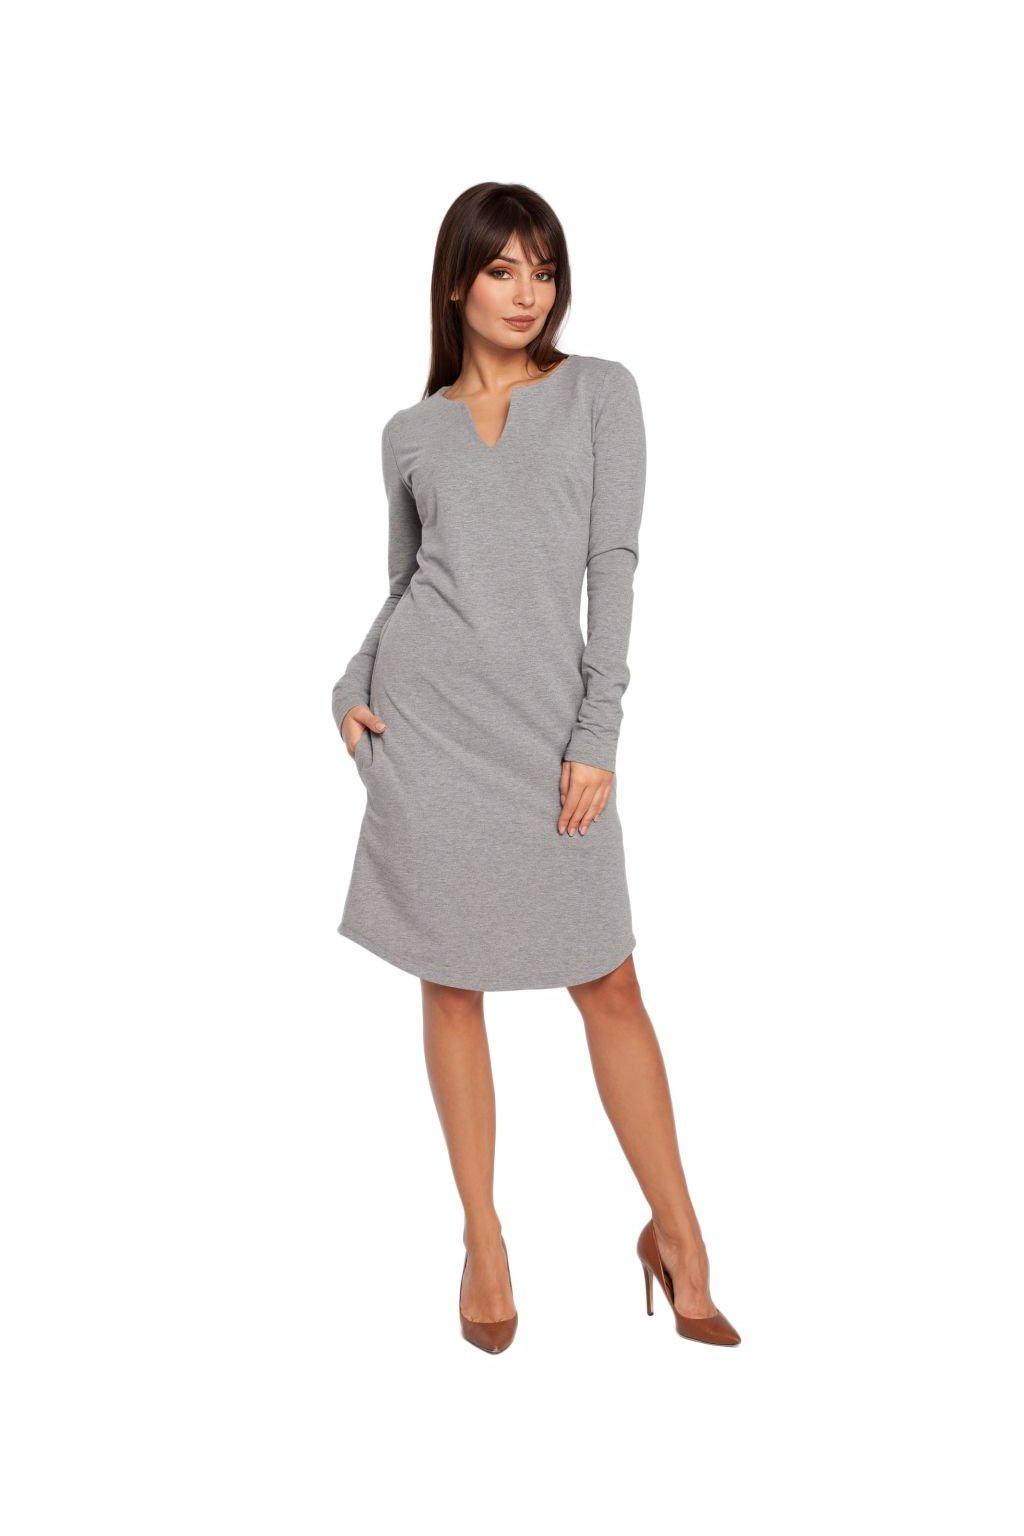 Dámské šaty Be B017 zelené - SD-Fashion.cz 3647b9e1460